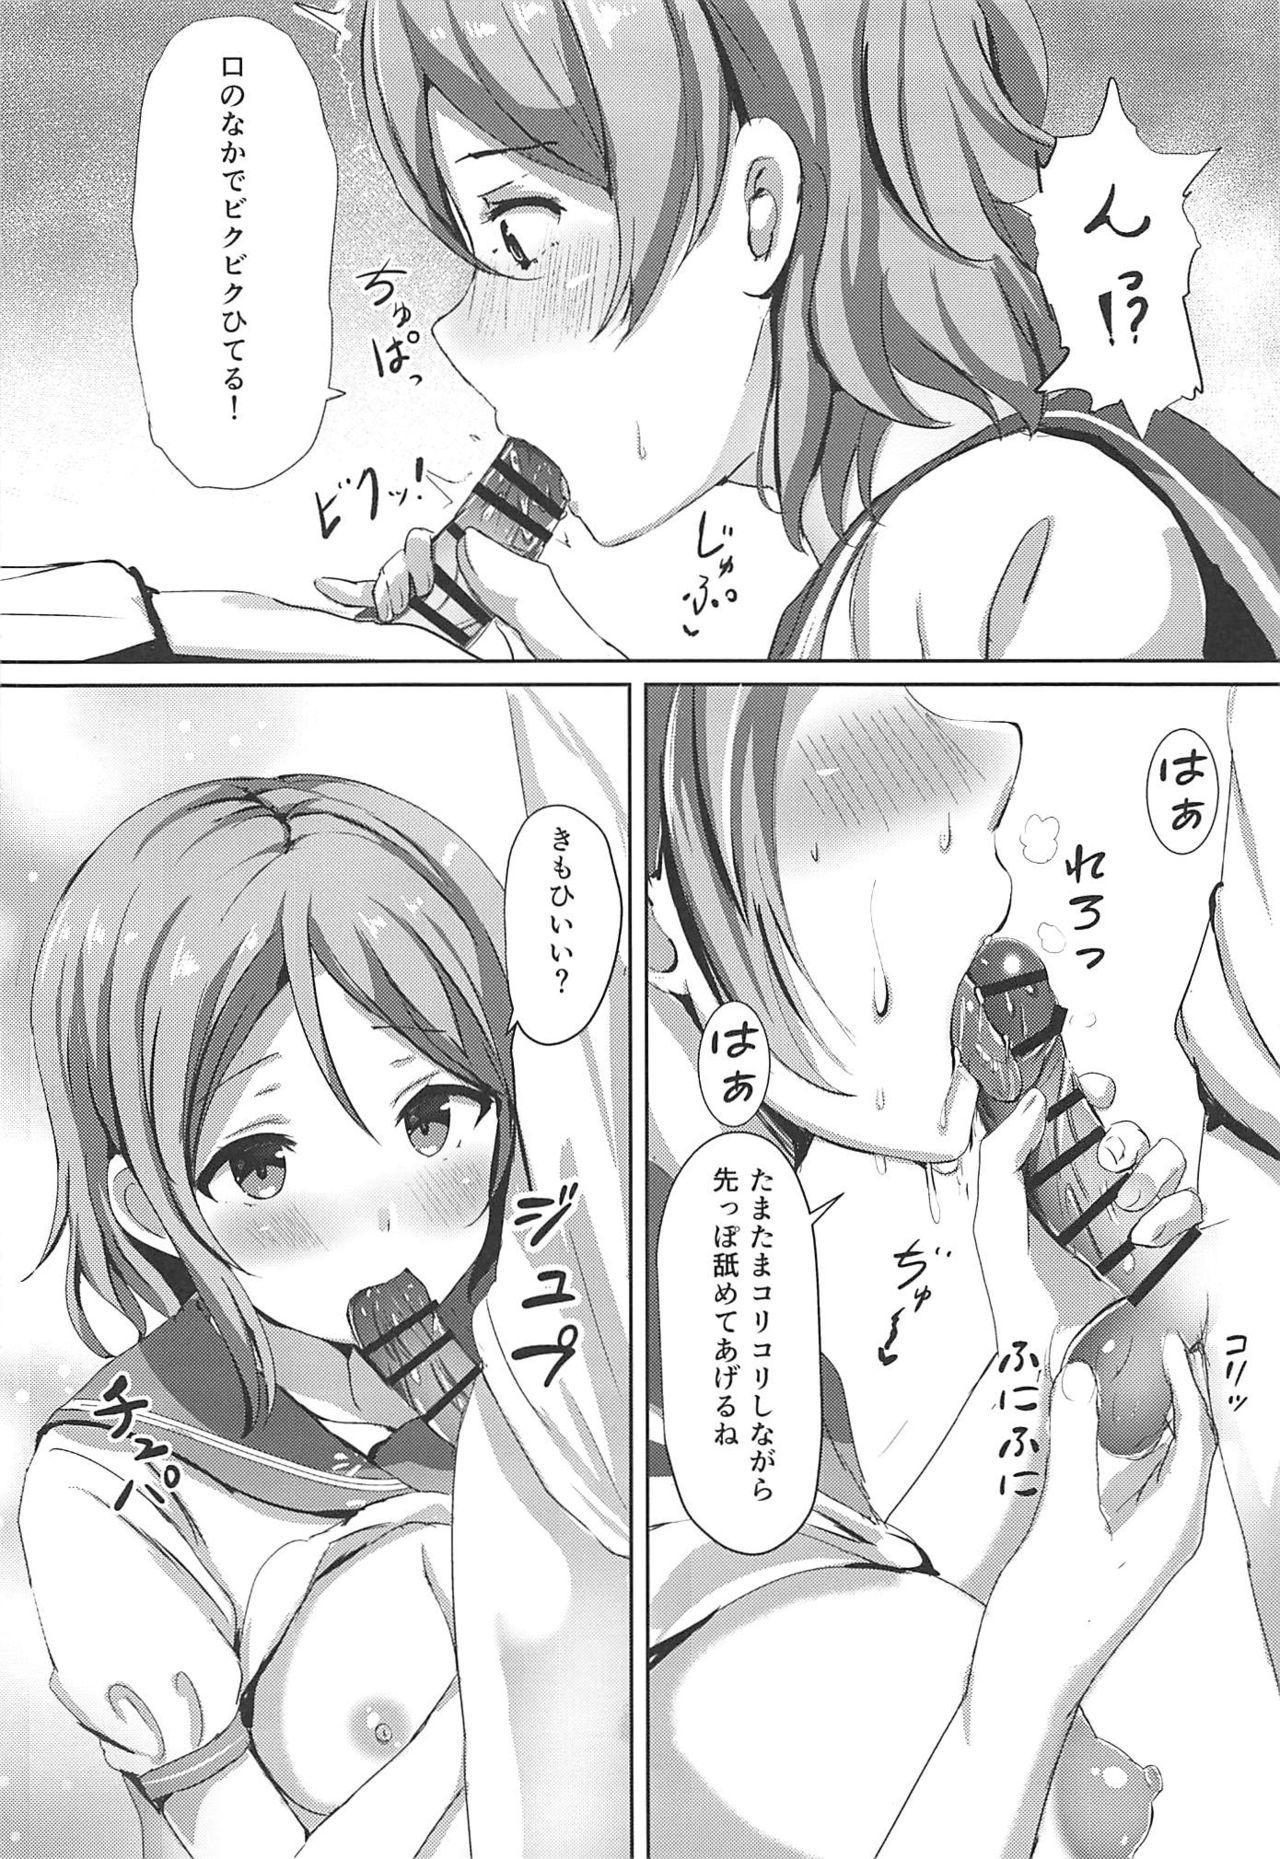 Ichiya no shitto youbi 12